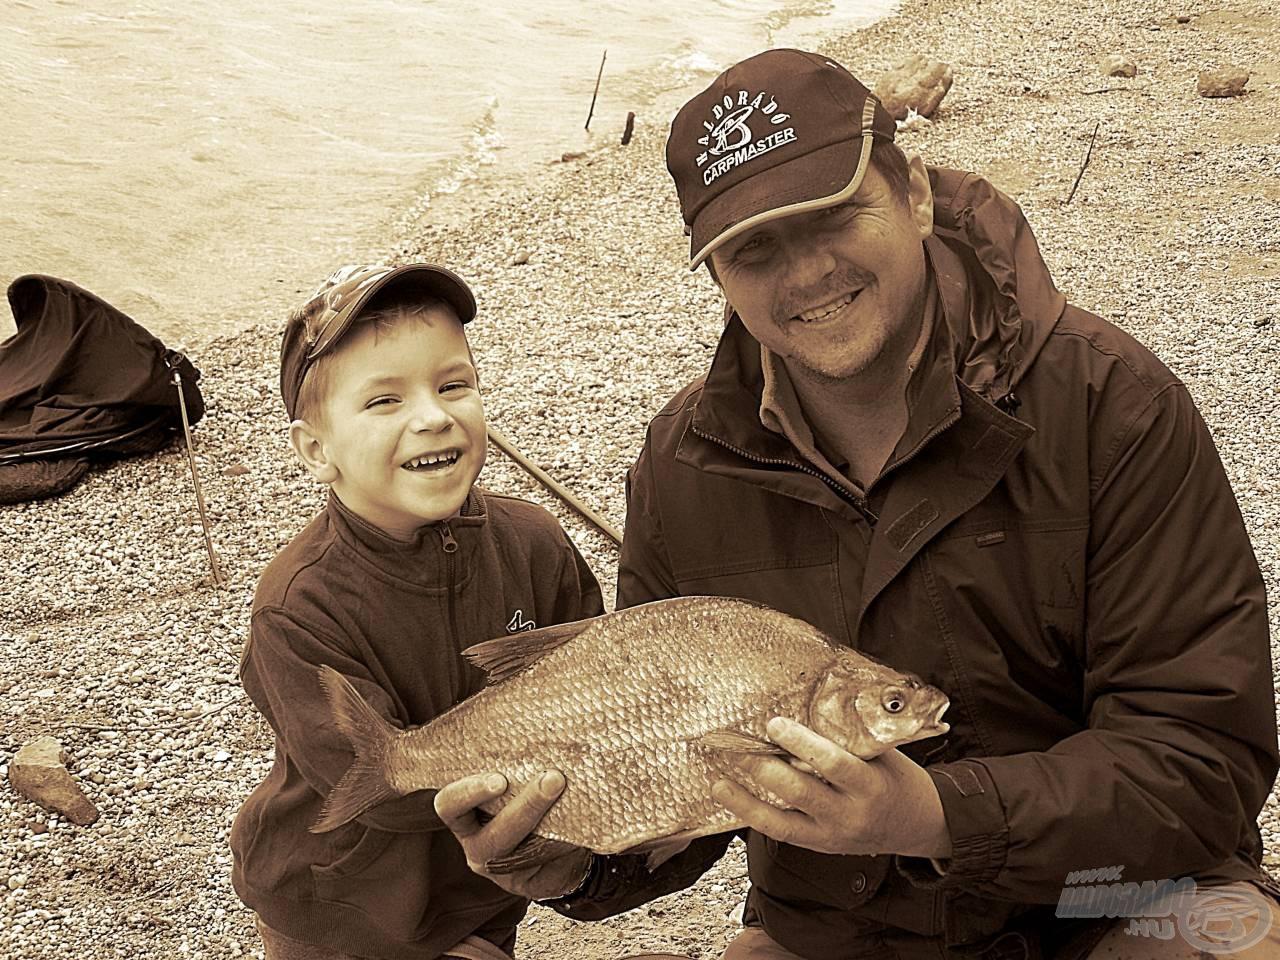 Halban gazdag, élményekben teljes horgászatot kívánunk mindenkinek ezzel az 1,88 kg-os dévérrel